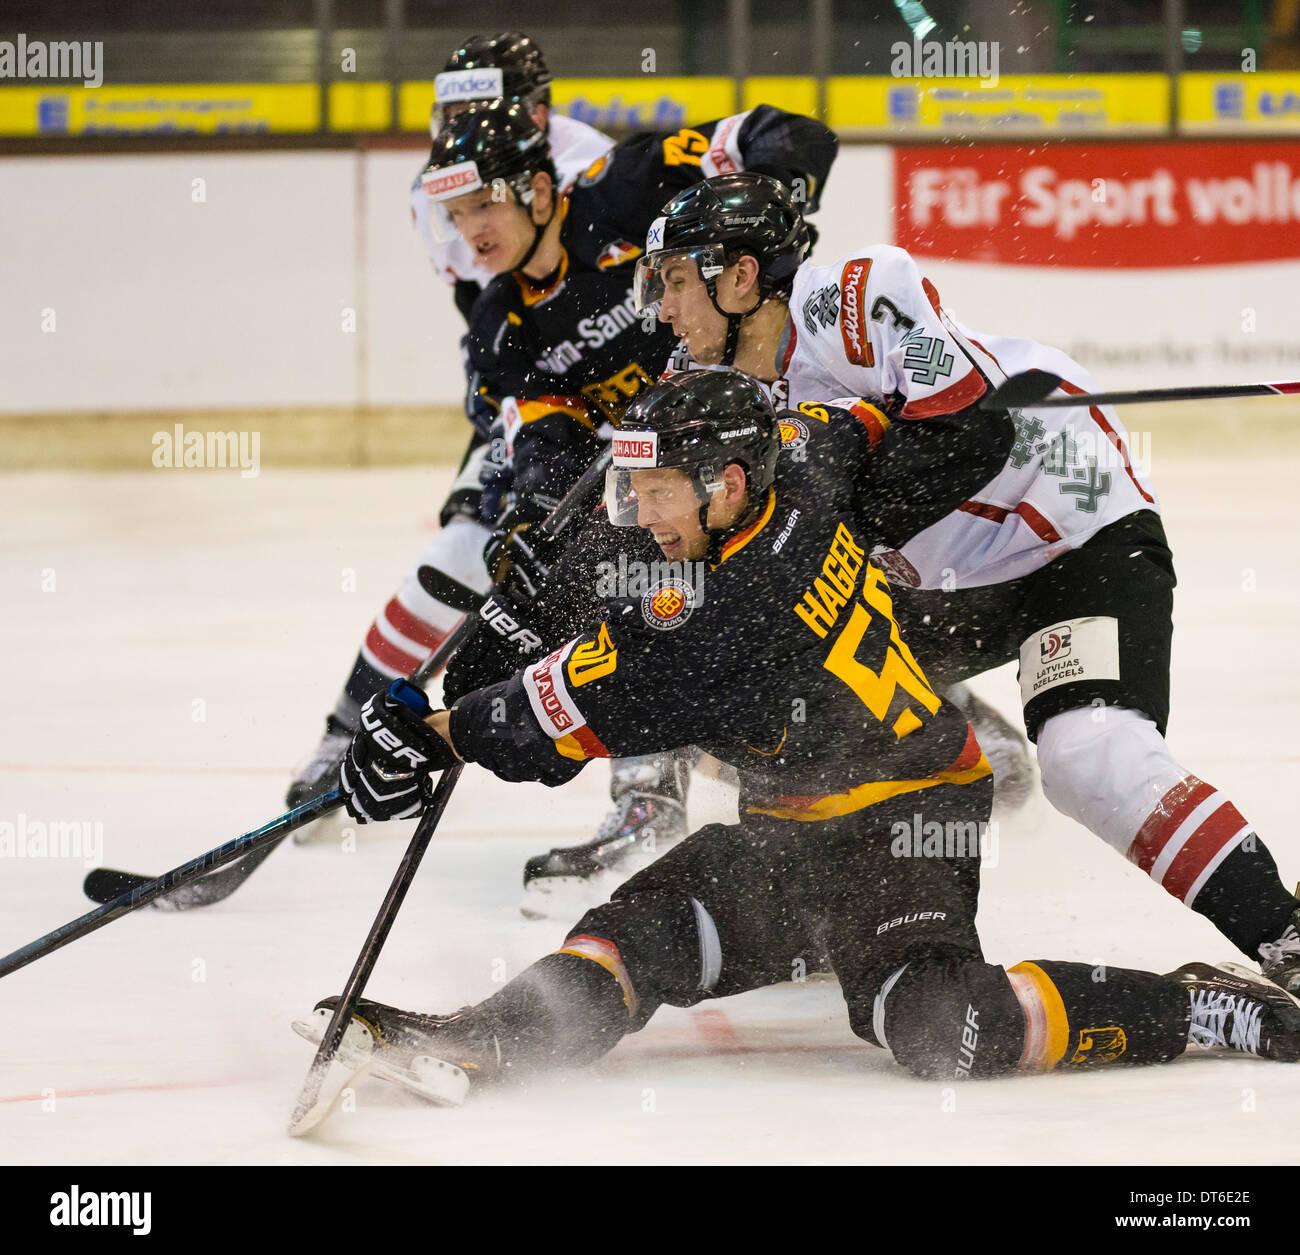 Joueur de hockey sur glace international allemand Patrick Hager, en face, joue pour l'équipe nationale allemande contre la Lettonie. Photo Stock